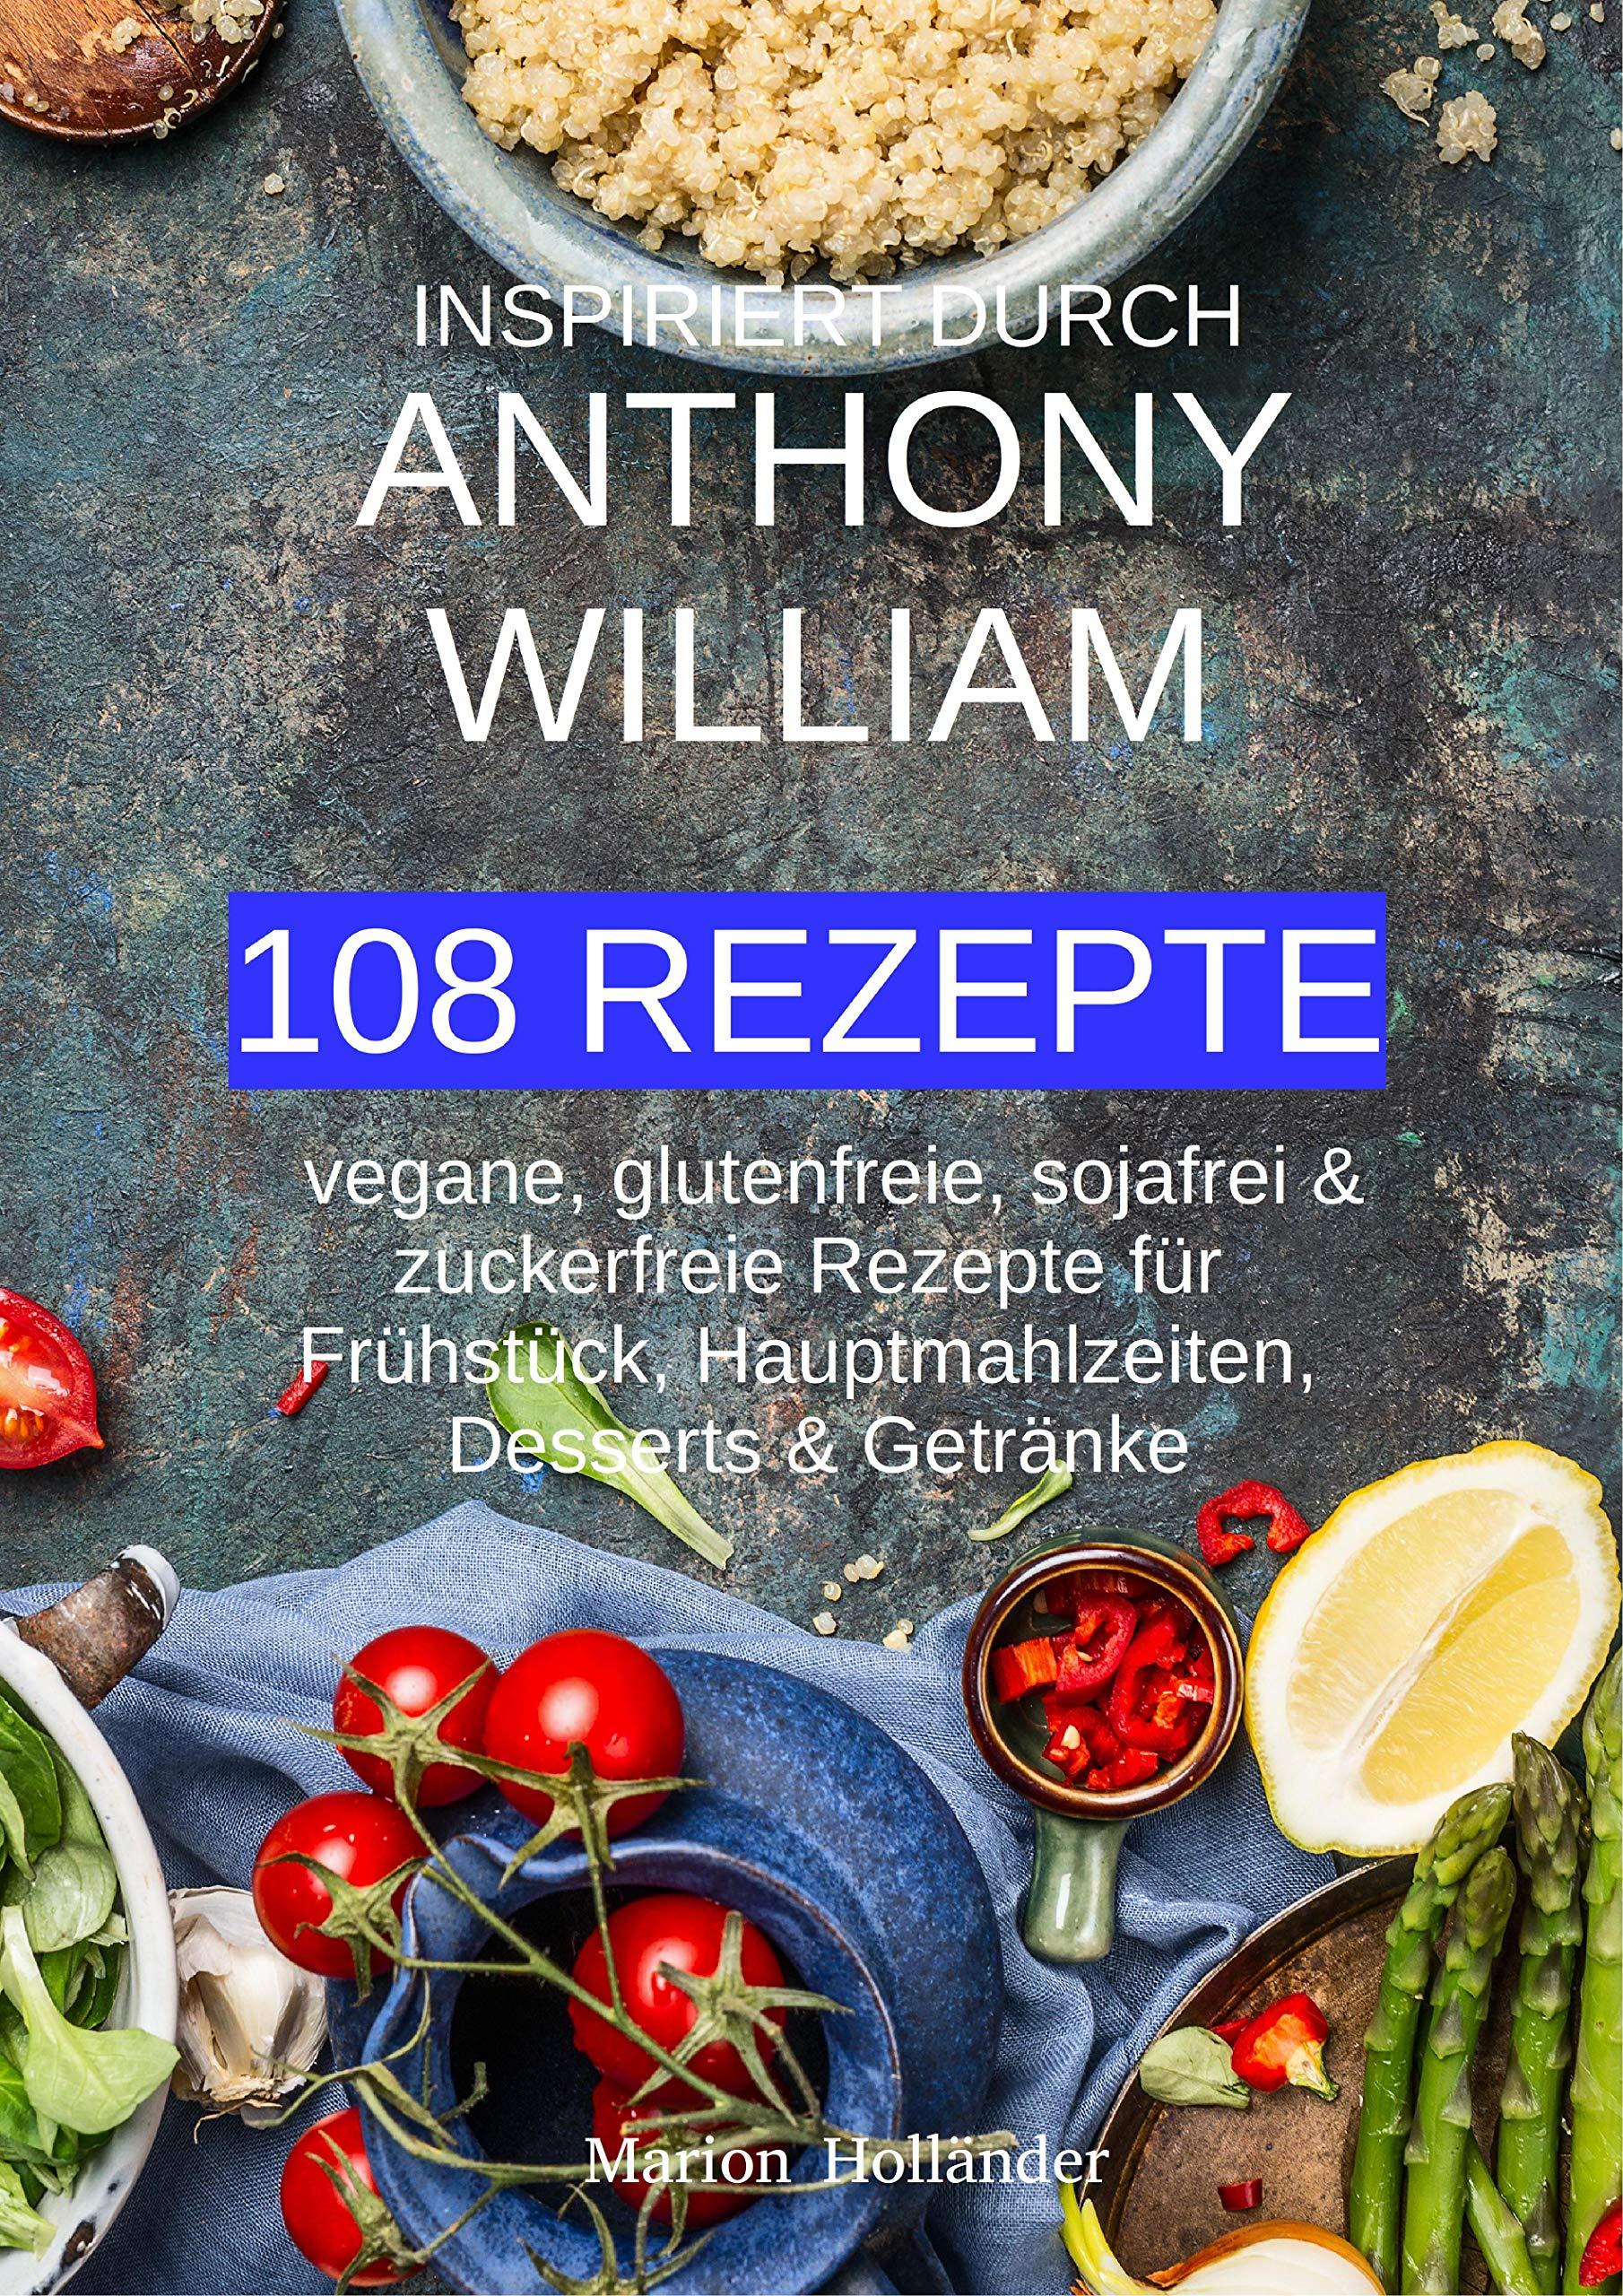 Inspiriert Durch Anthony William   108 REZEPTE   Vegane Glutenfreie Sojafreie And Zuckerfreie Rezepte Für Frühstück Hauptmahlzeiten Desserts And Getränke